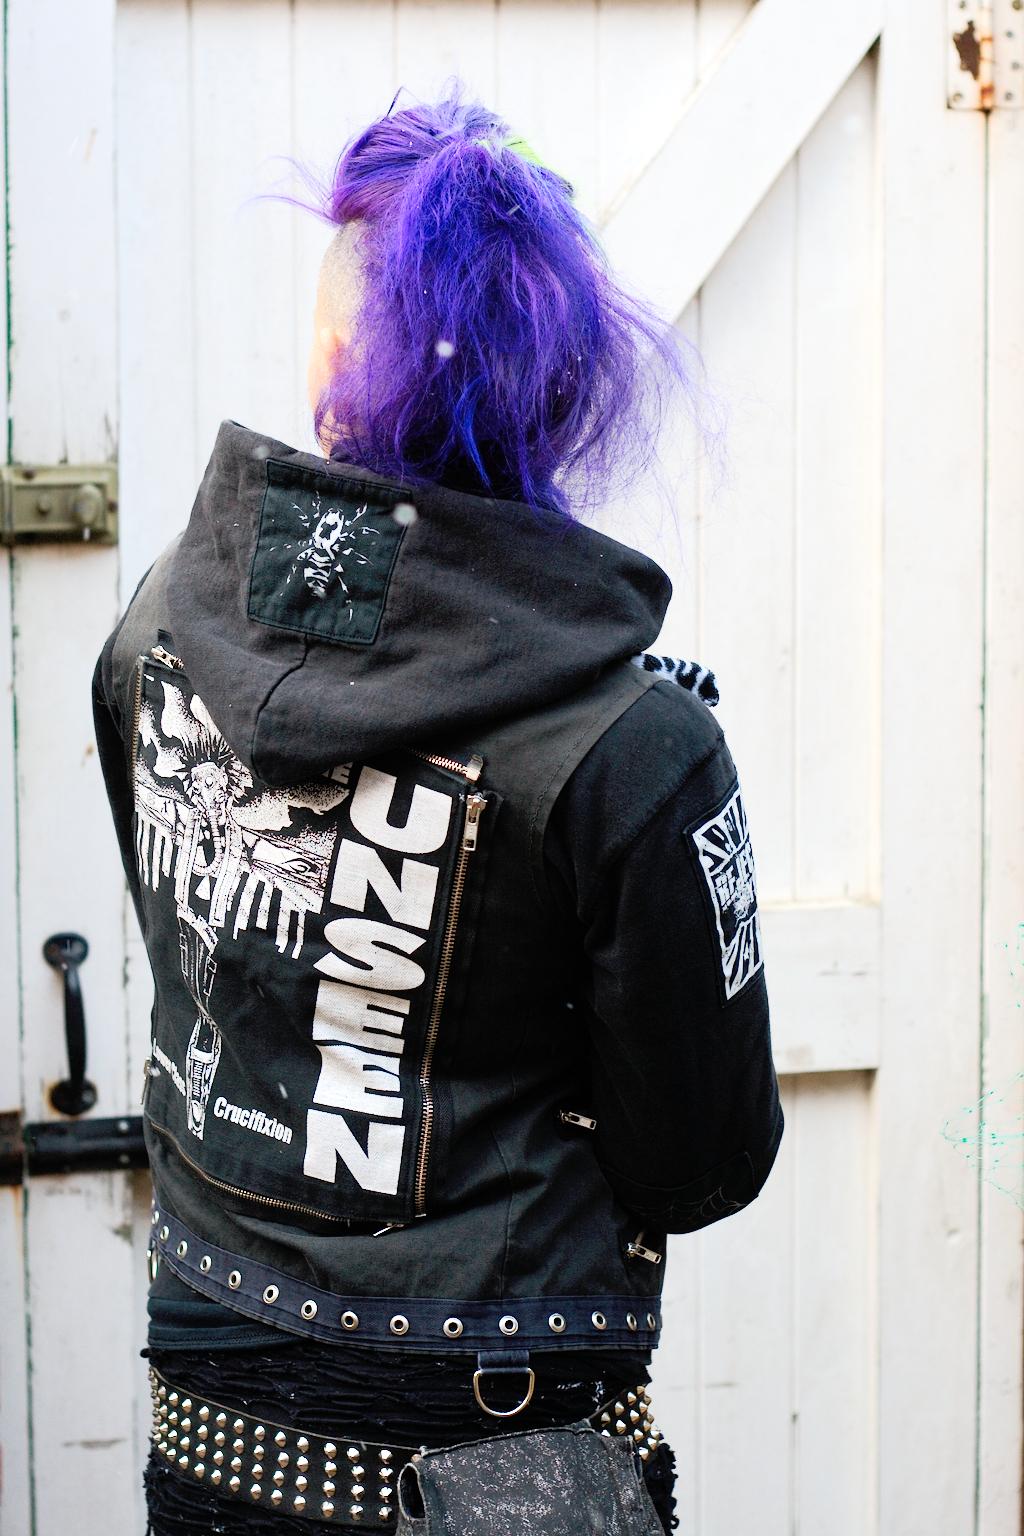 Ausgehoutfits im Winter - Kapu und Weste - Zebraspider DIY Anti-Fashion Blog